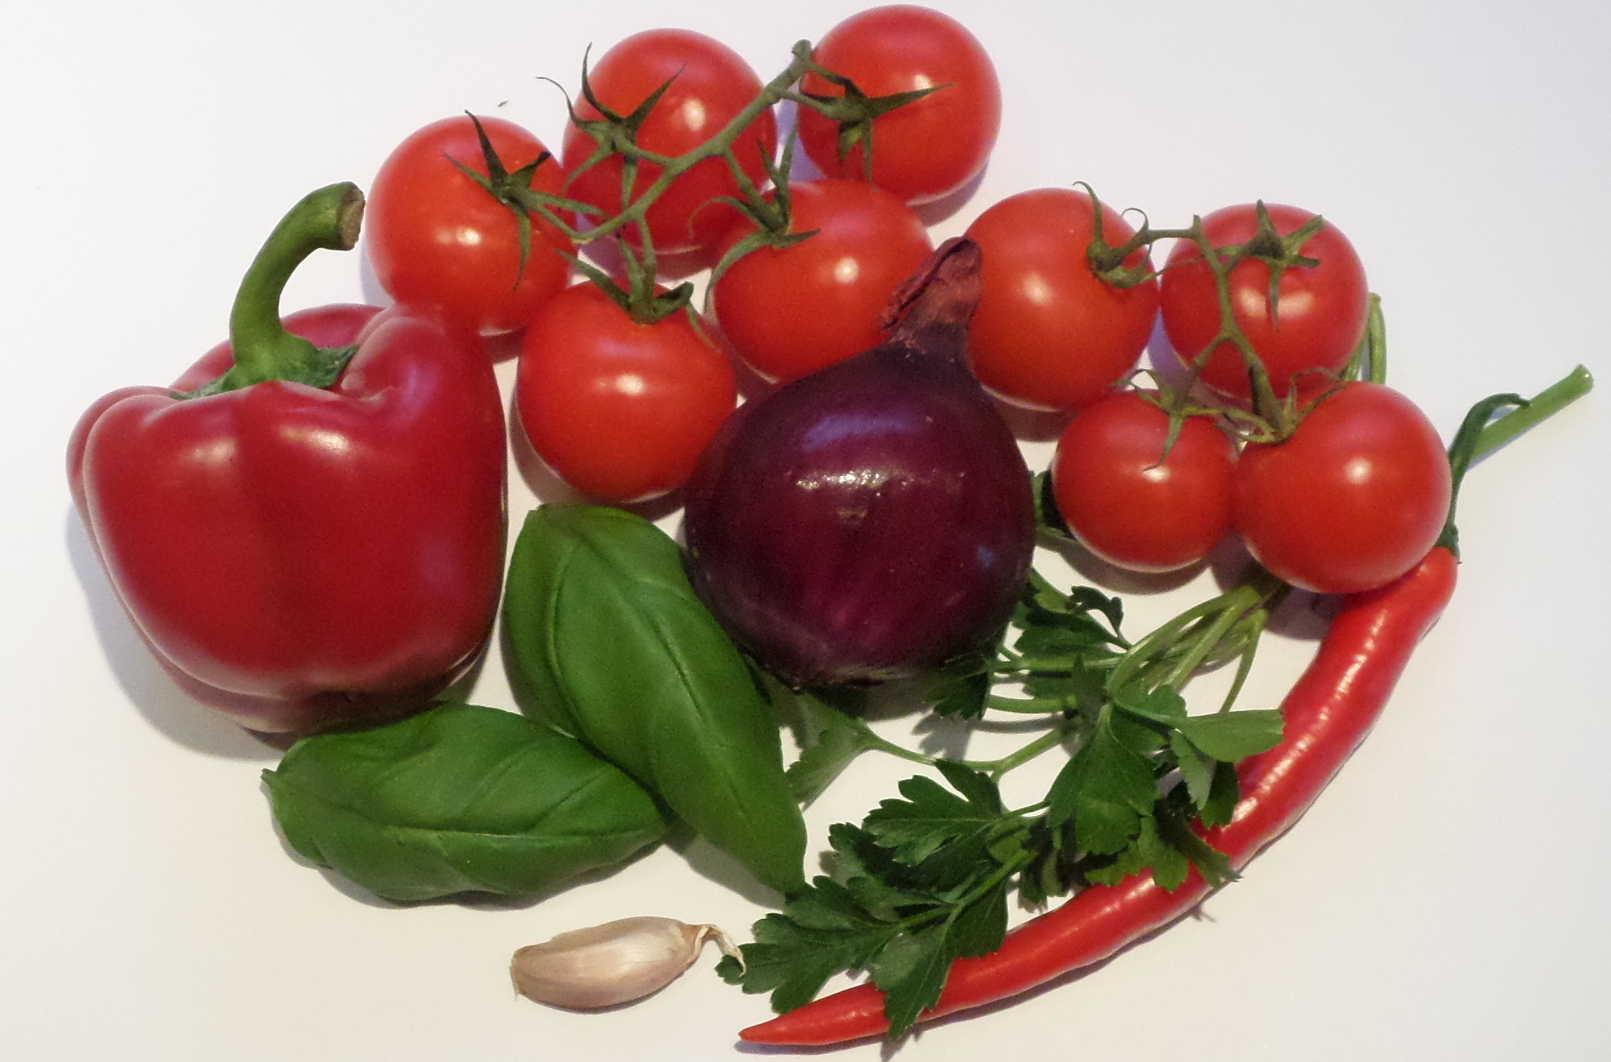 Zutaten für Bagnetto rosso